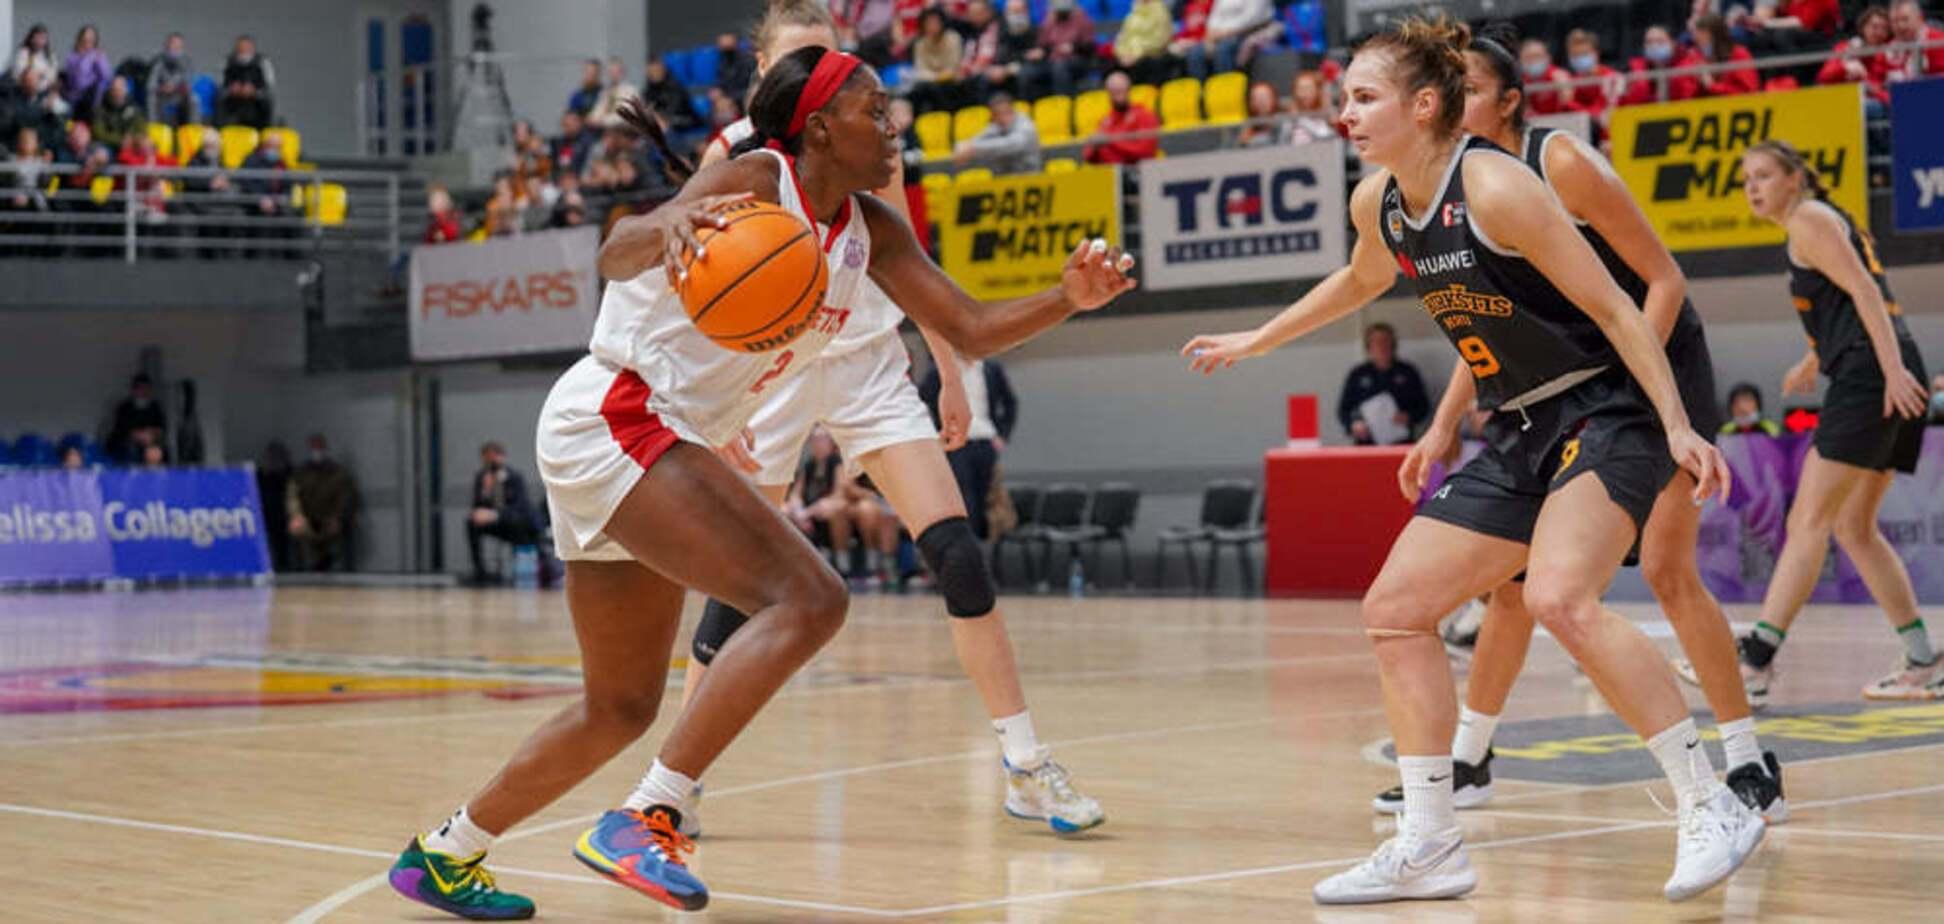 'Прометей' с победы стартовал в 1/4 финала Европейской женской баскетбольной лиги